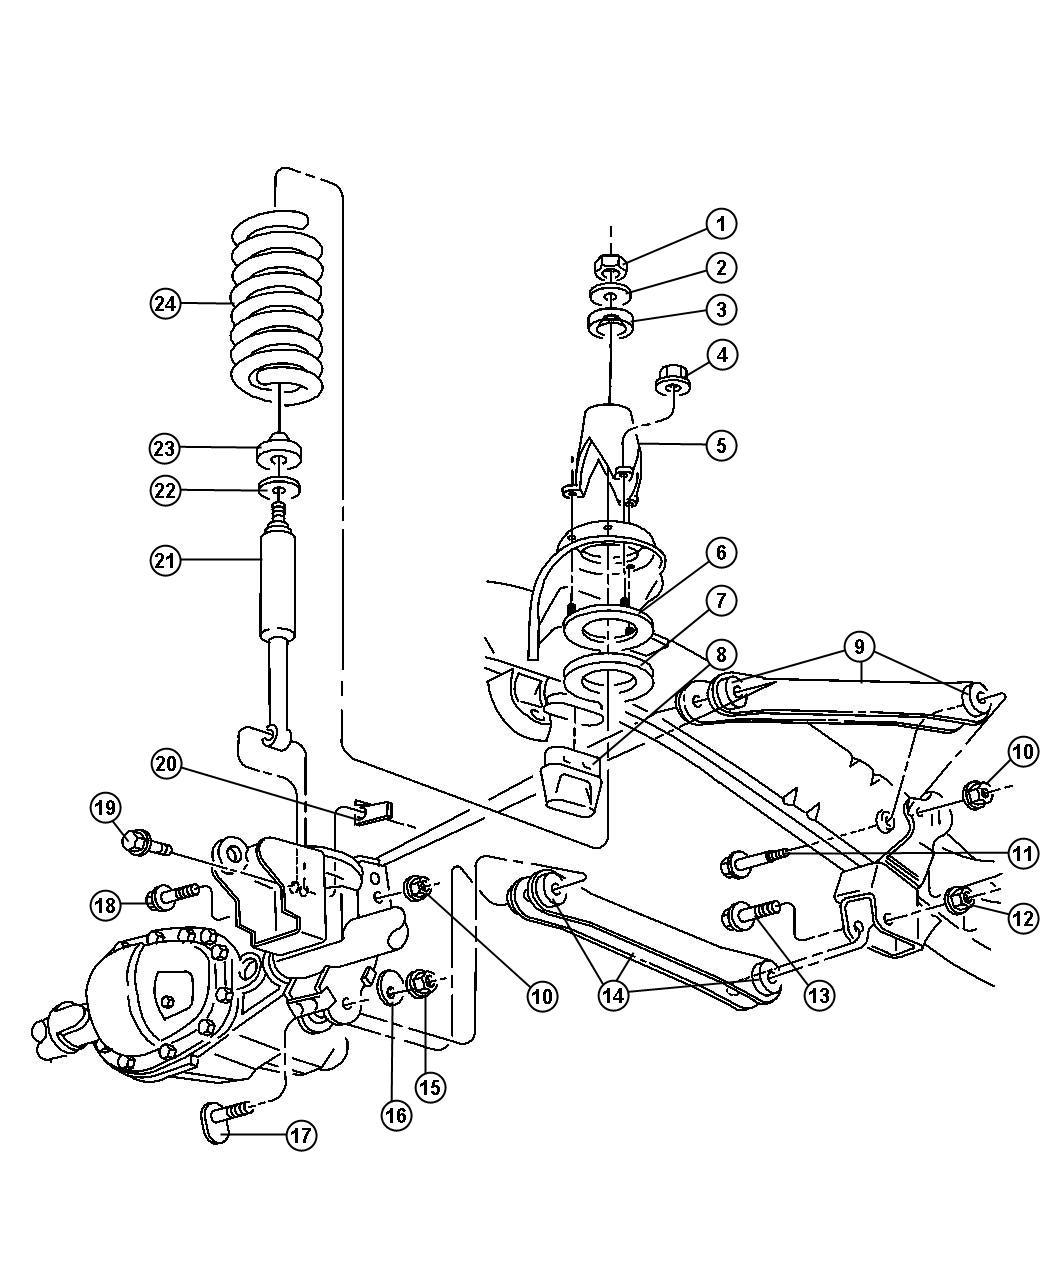 pioneer diagram wiring dxt x2669ui